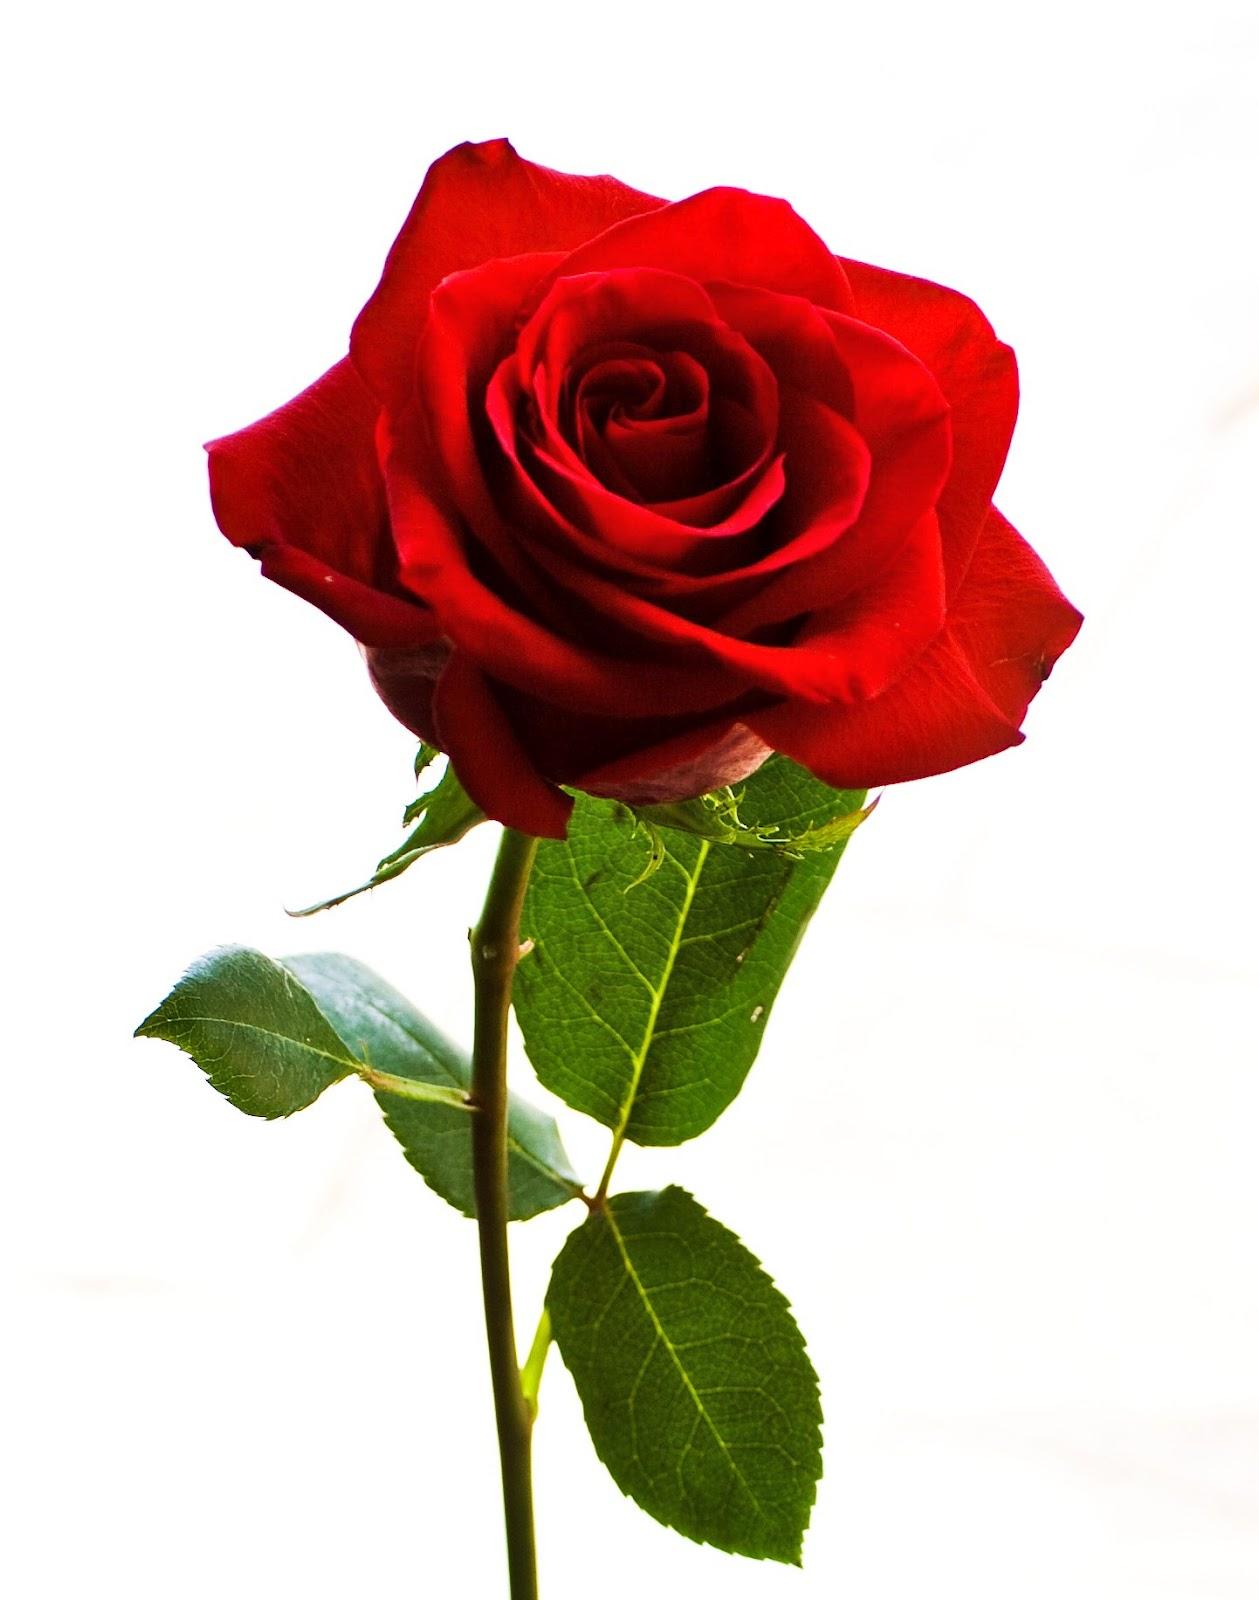 Morfologi Bunga Mawar | BIOLOGY SMART